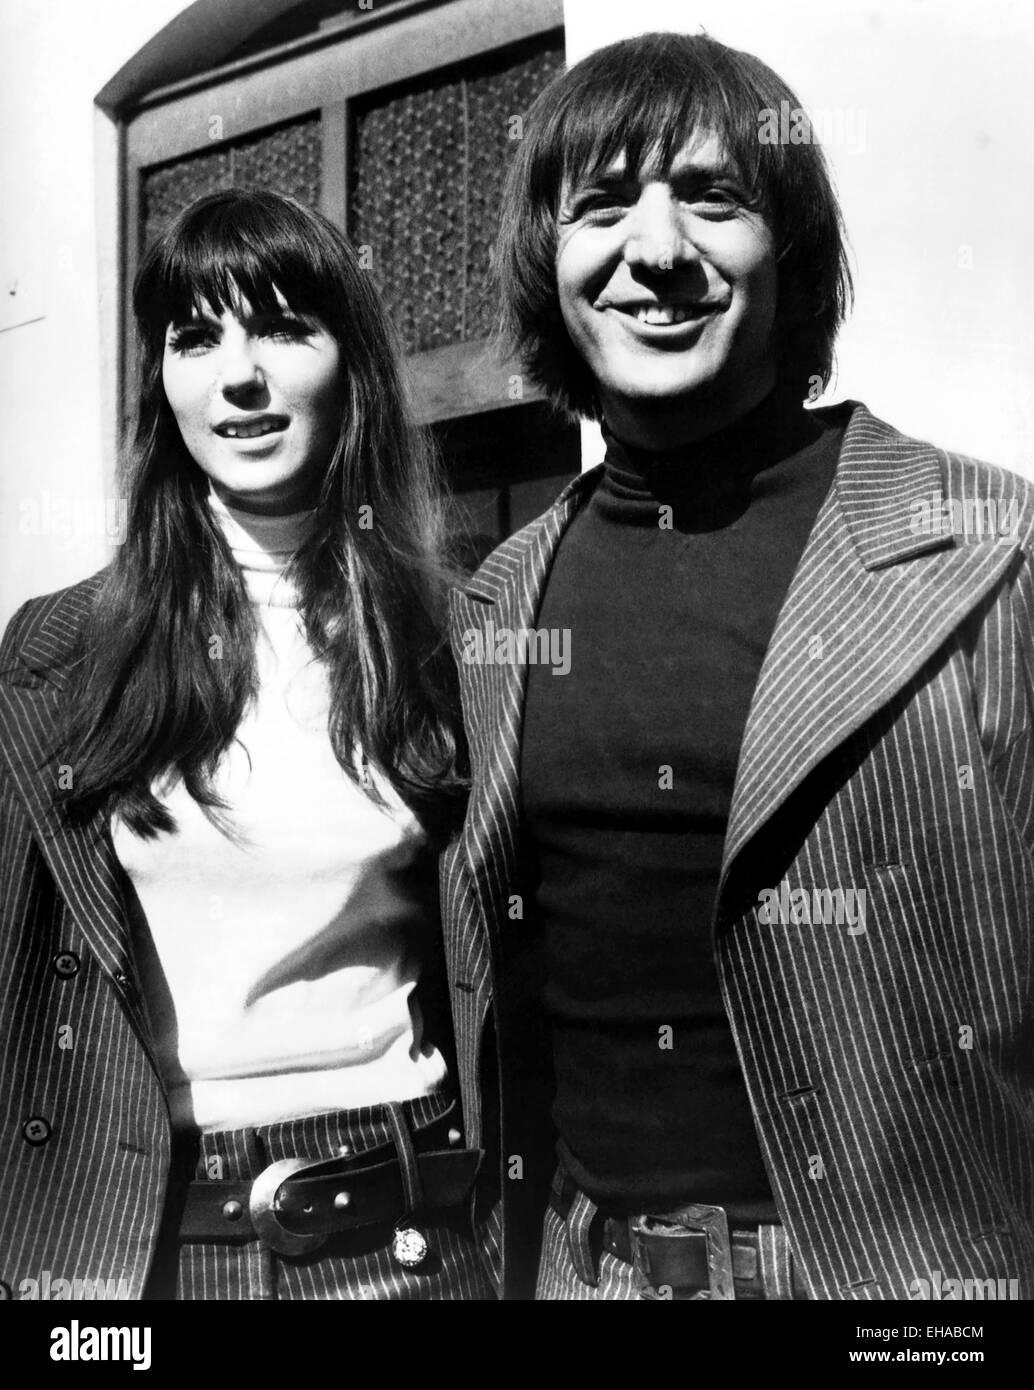 Sonny y Cher, Retrato, alrededor de finales de los años 1960 Imagen De Stock